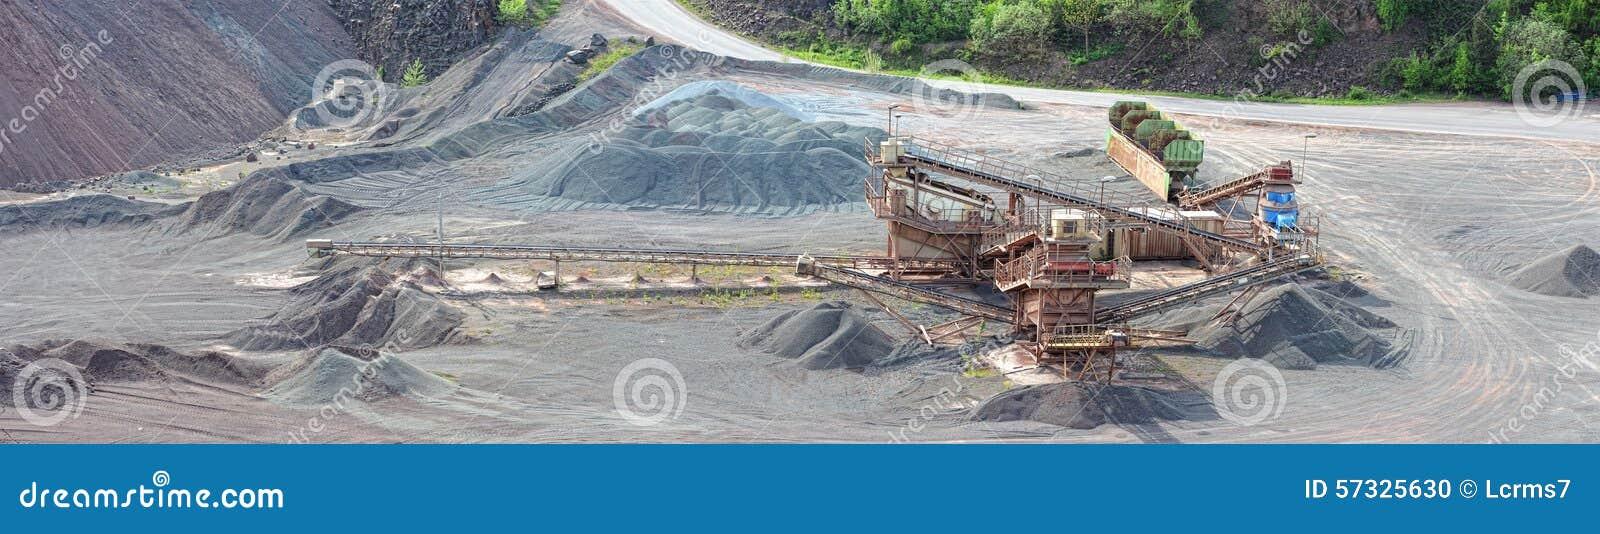 Kamiennego gniotownika maszyna w otwartej jamy kopalni